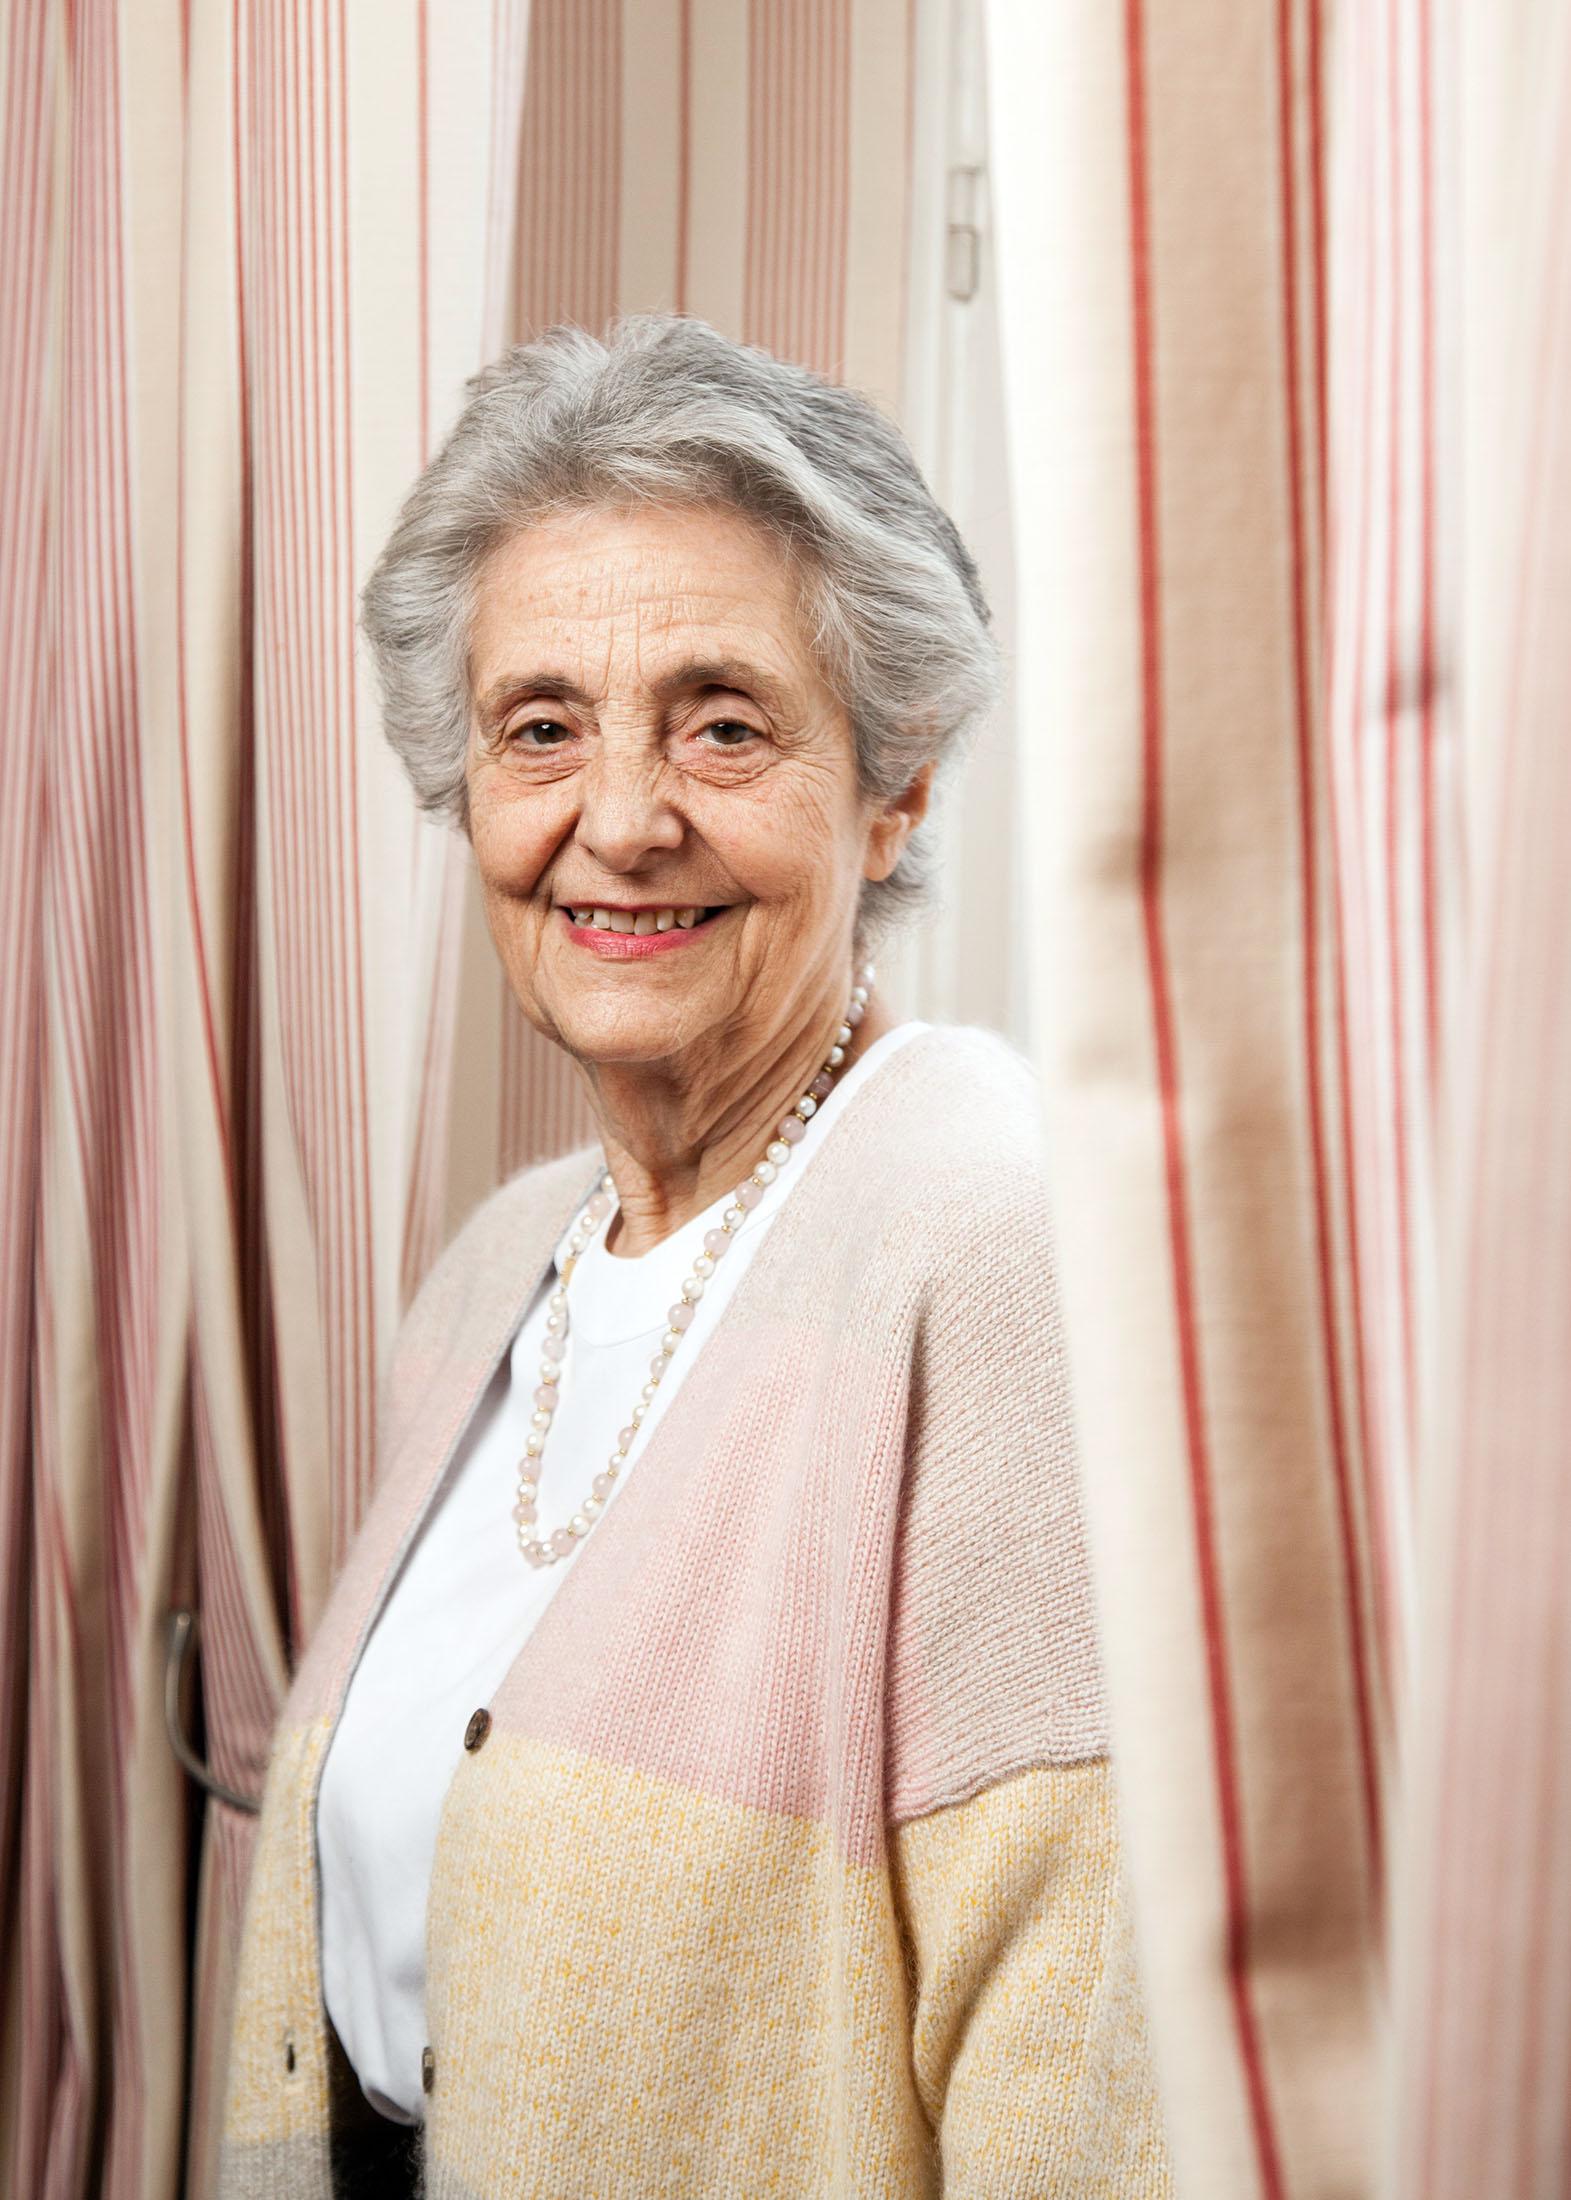 Marie-Françoise Fuchs est medecin et psychanalyste. En 1969, elle est entrée à l'Ecole des parents et des éducateurs. En 1994, elle fonde l'Ecole des grand-parents européens et en 2008, l'association Old'Up a Paris. Pour Socialter. Novembre 2017.